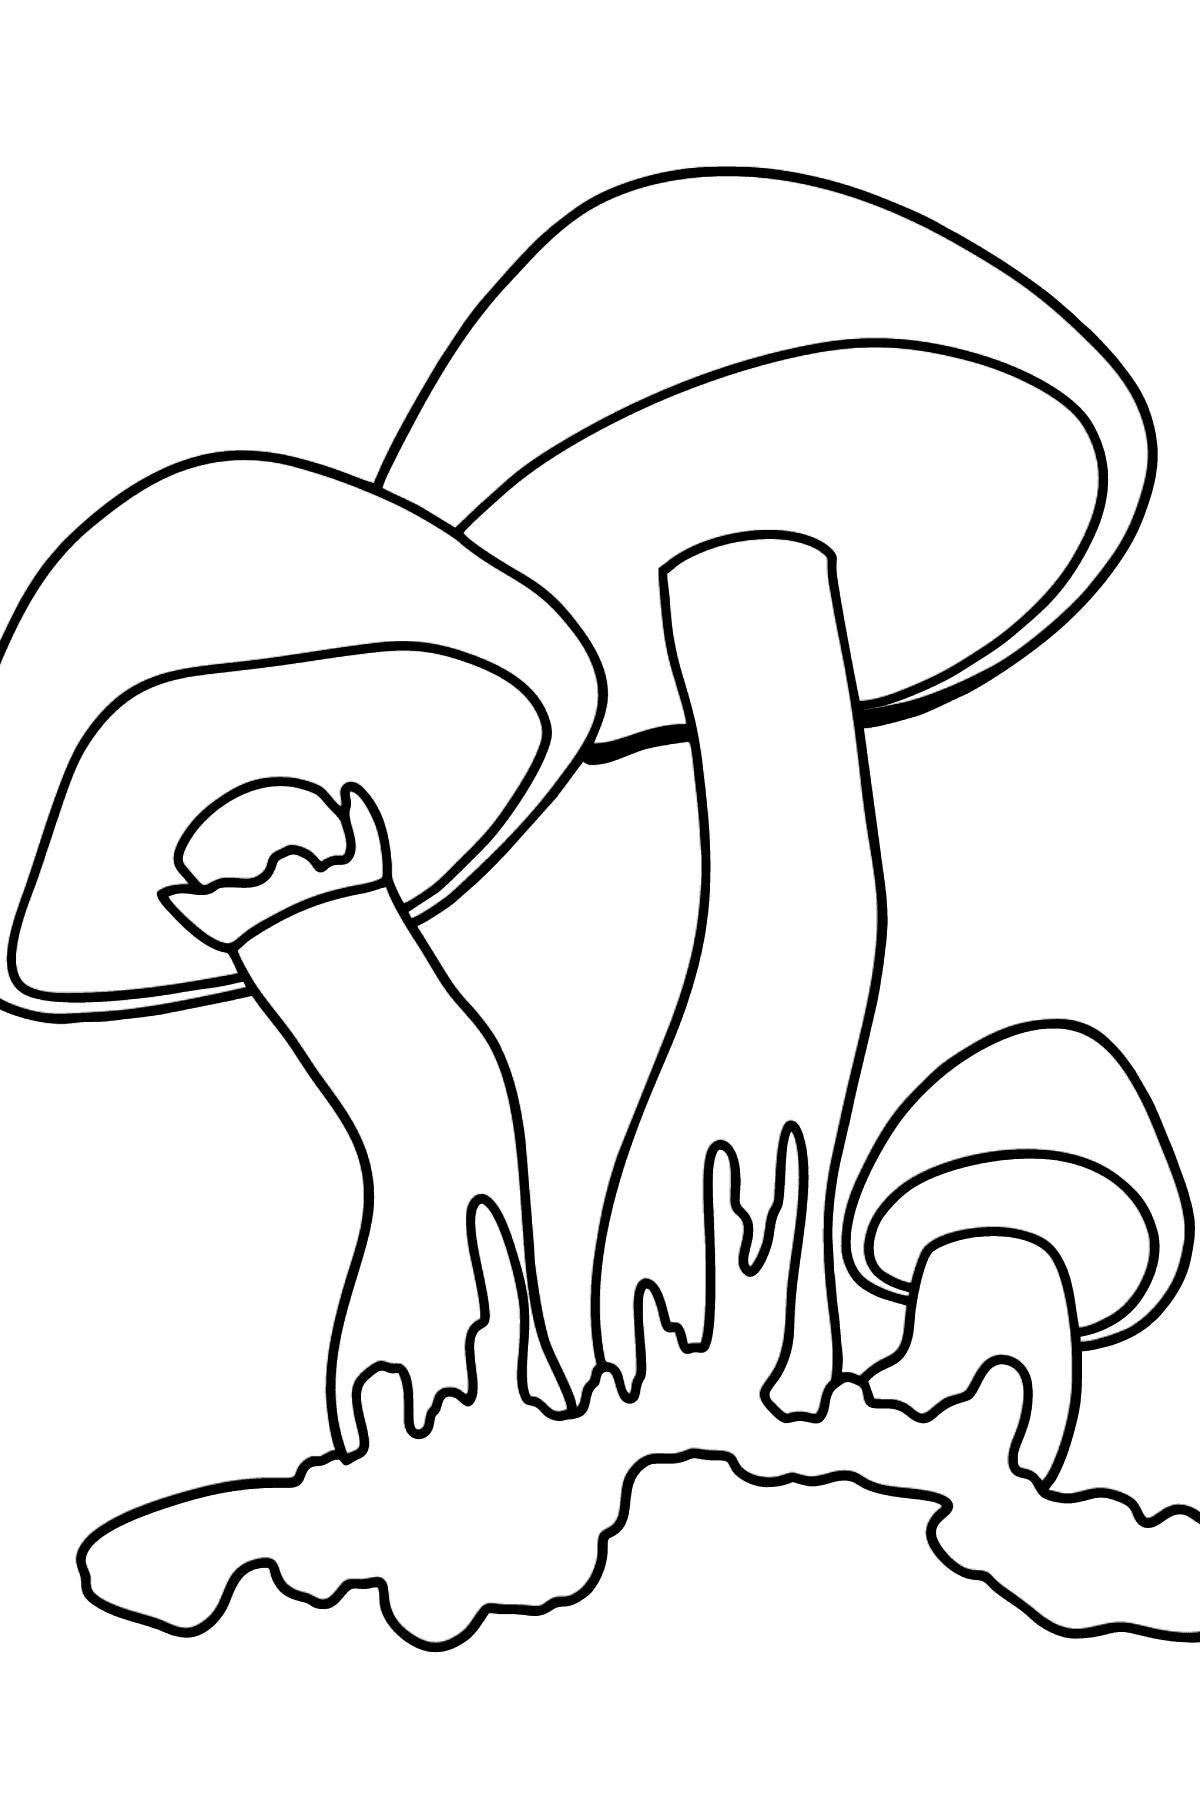 Раскраска масленок - Картинки для Детей